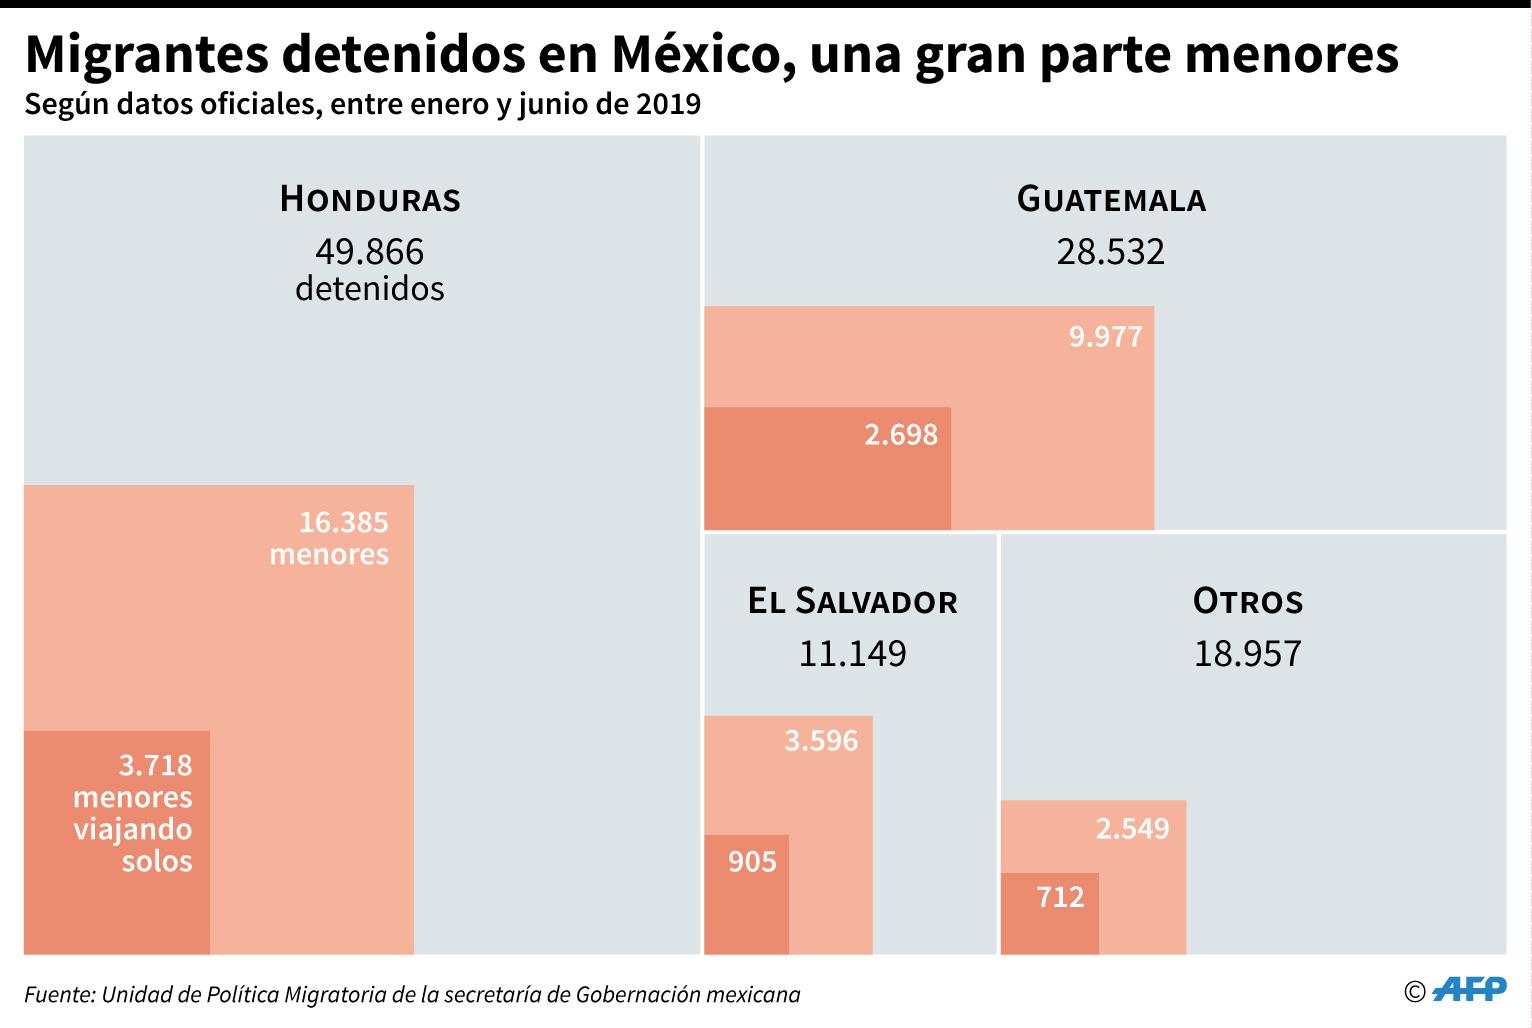 Migrantes detenidos en México, una gran parte menores de edad, según datos oficiales de enero a junio de 2019. (AFP)